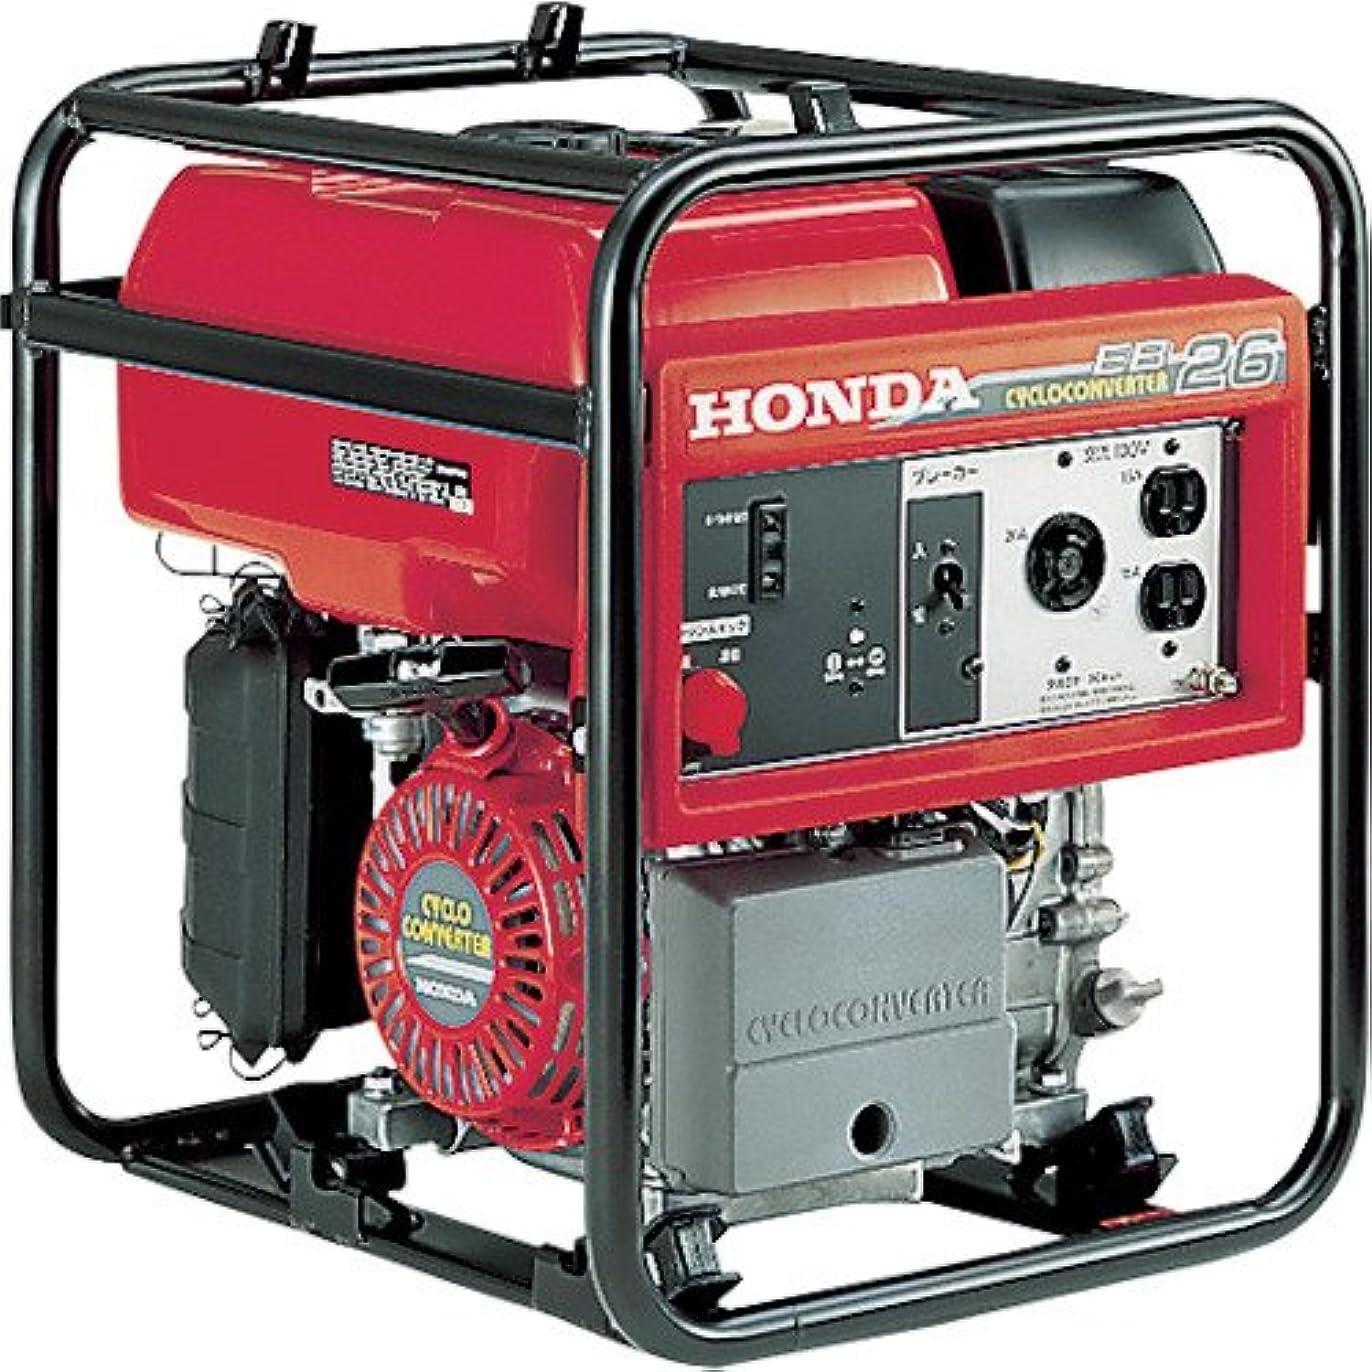 通訳震える導体HONDA サイクロコンバーター搭載発電機 EB26(EB26K1JN)